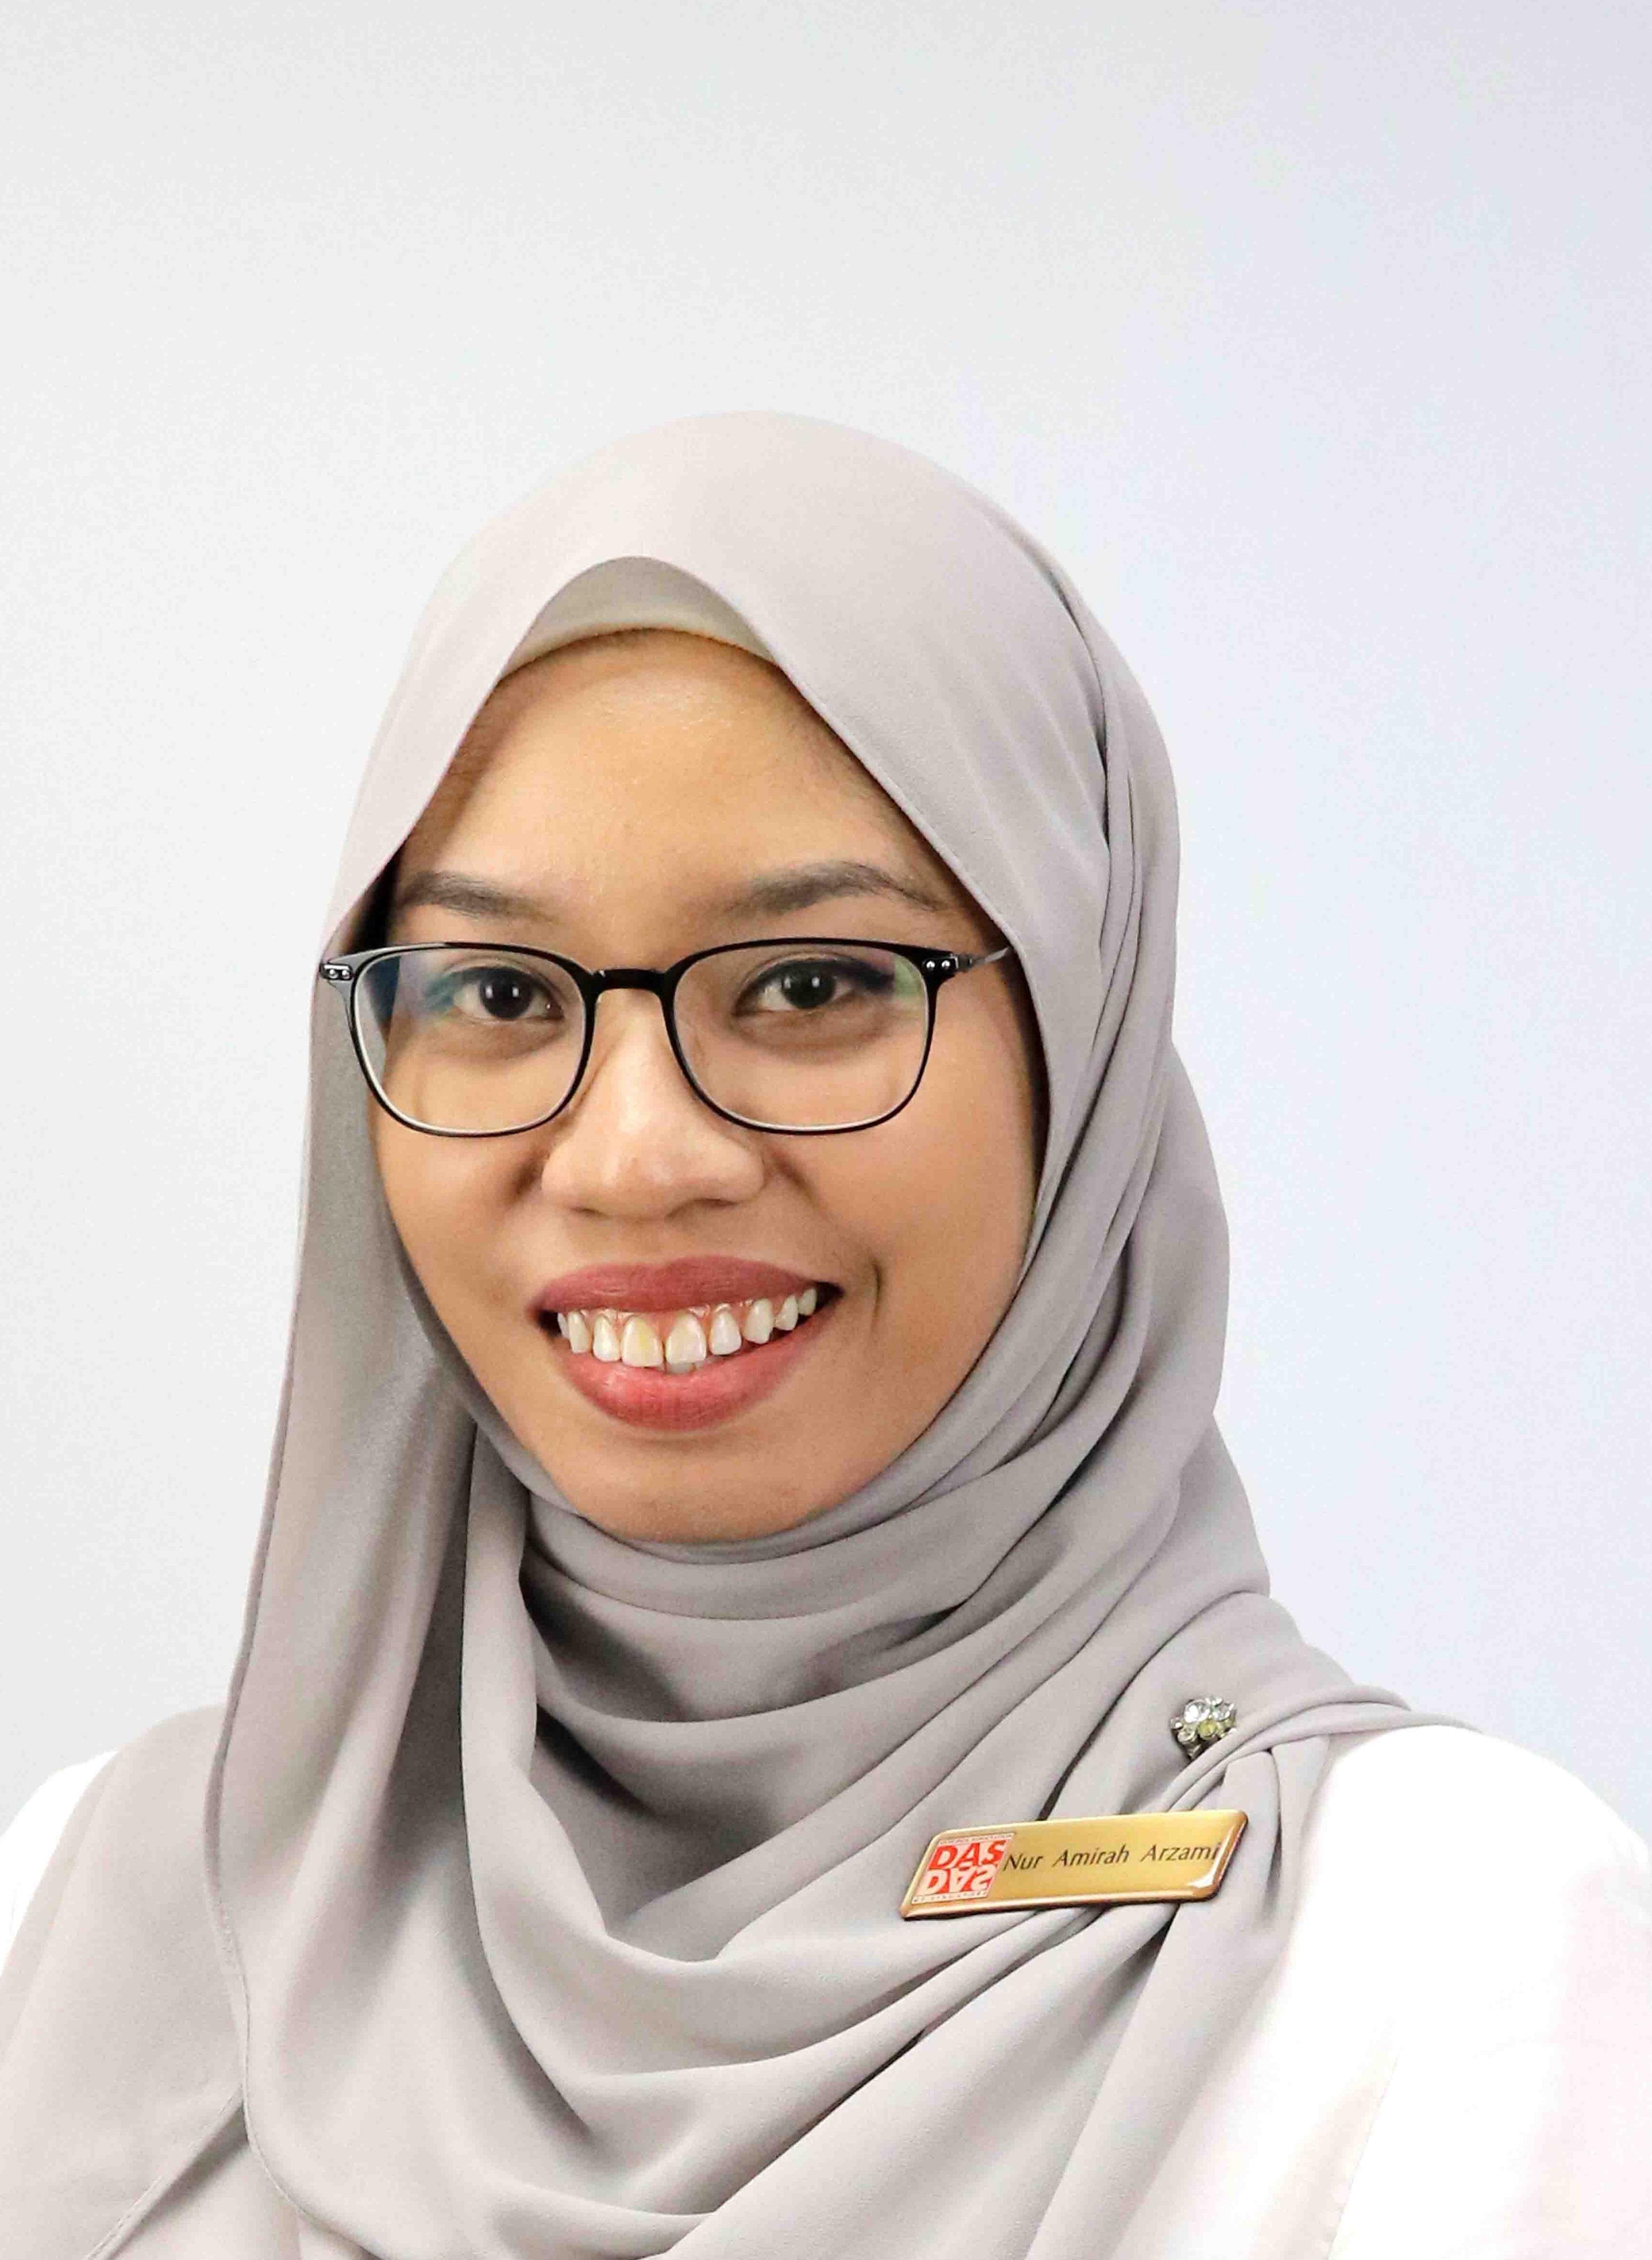 Nur Amirah Binte Arzami